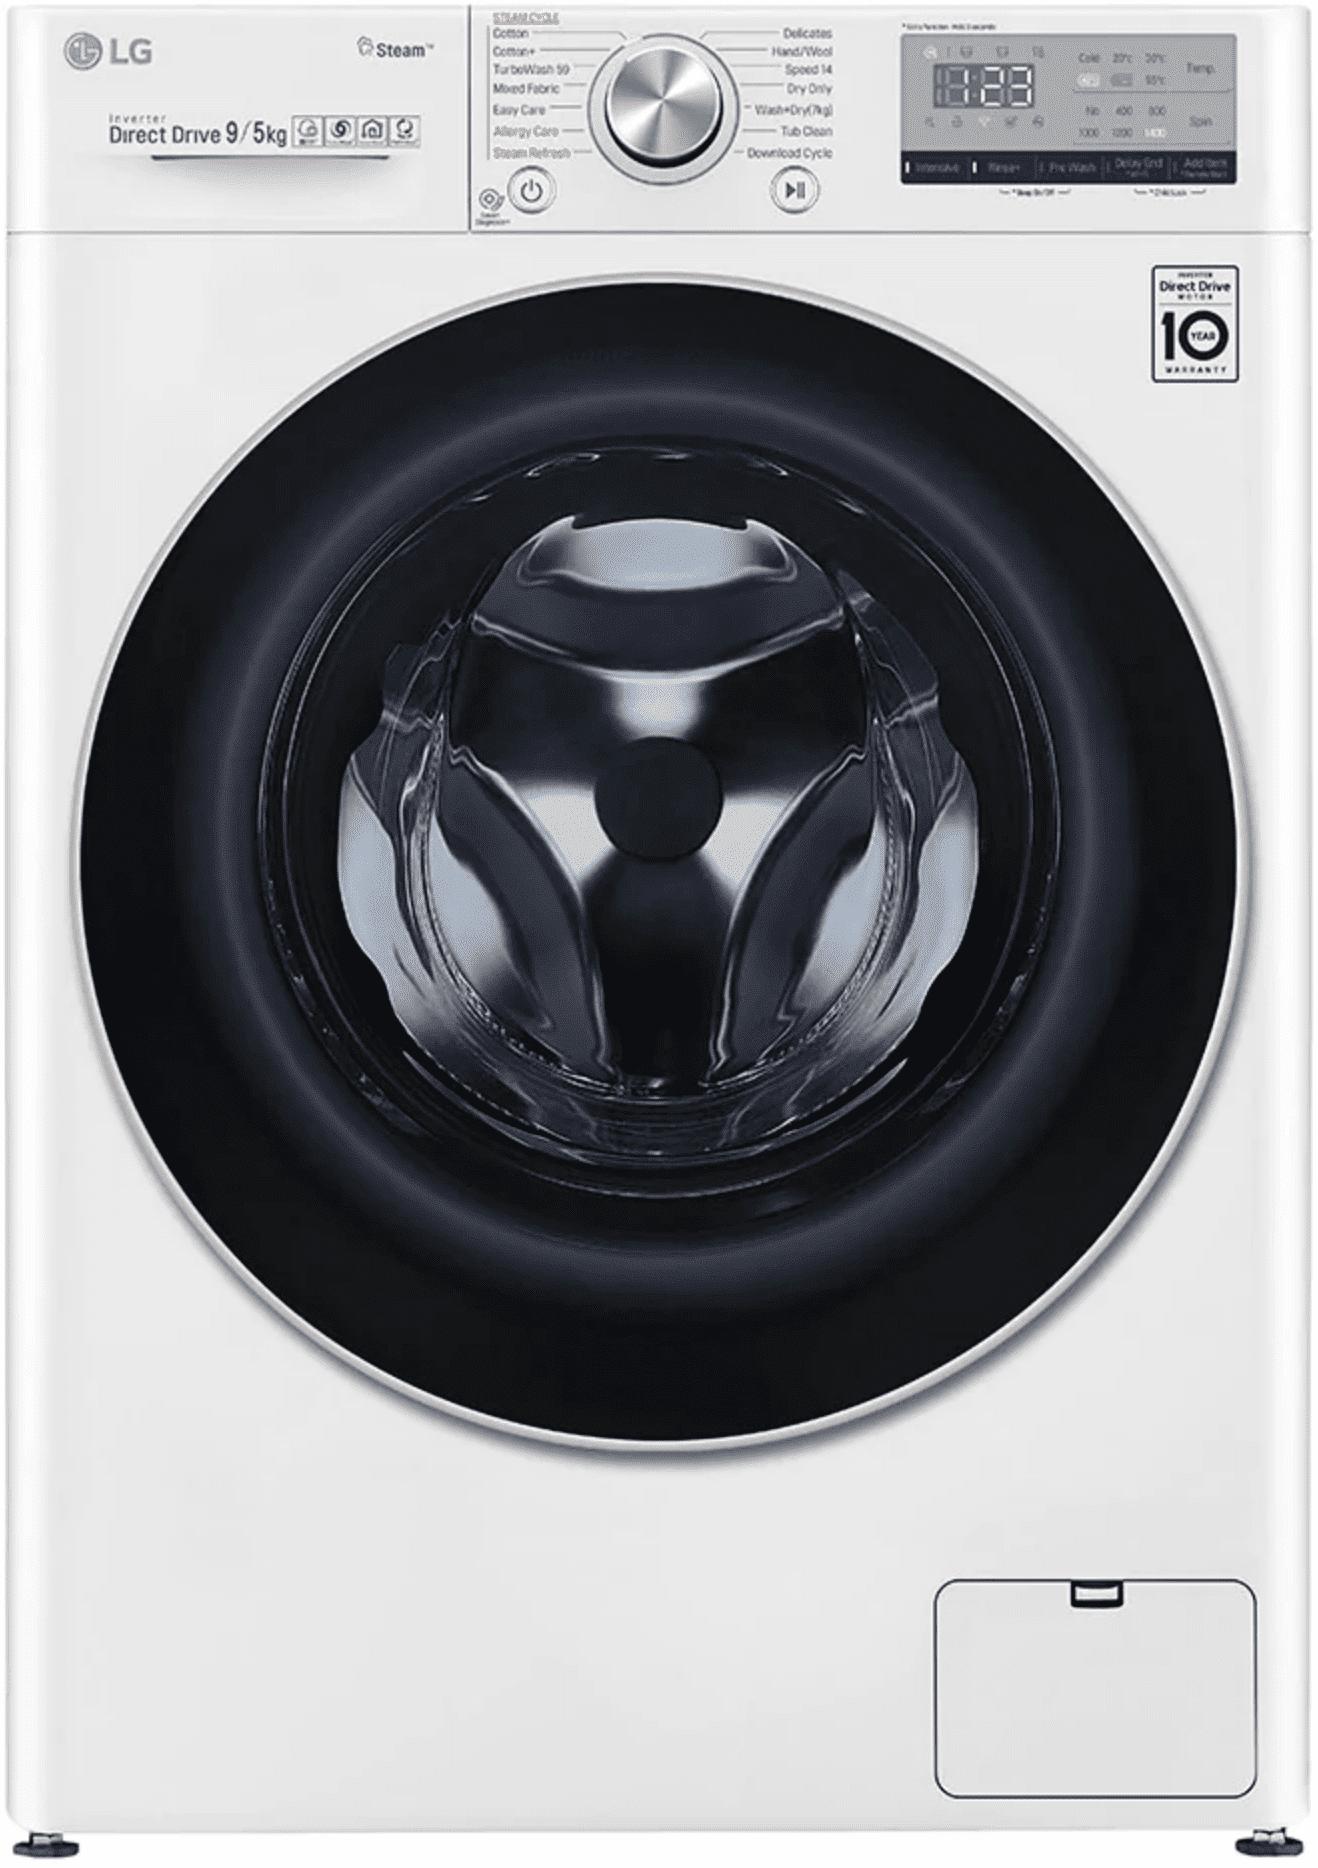 LG F4dv409s0e Lavasciuga Lavatrice Asciugatrice Capacità Di Carico 9 Kg Classe Energetica A Profondità 56 Cm Centrifuga 1400 Giri Motore Inverter Funzione Vapore - F4dv409s0e